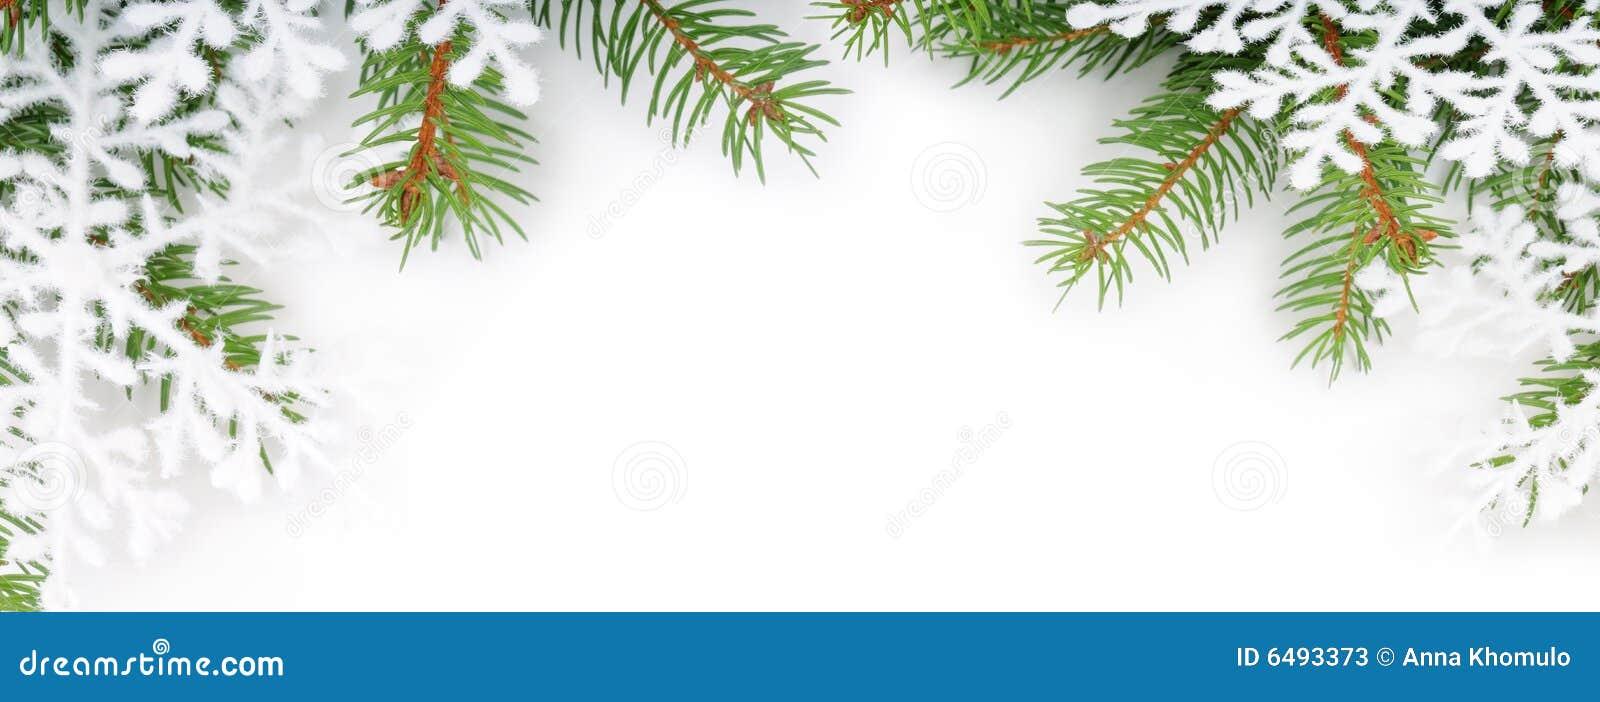 Рамка для открытки ветка сосны со снежком, лечусь